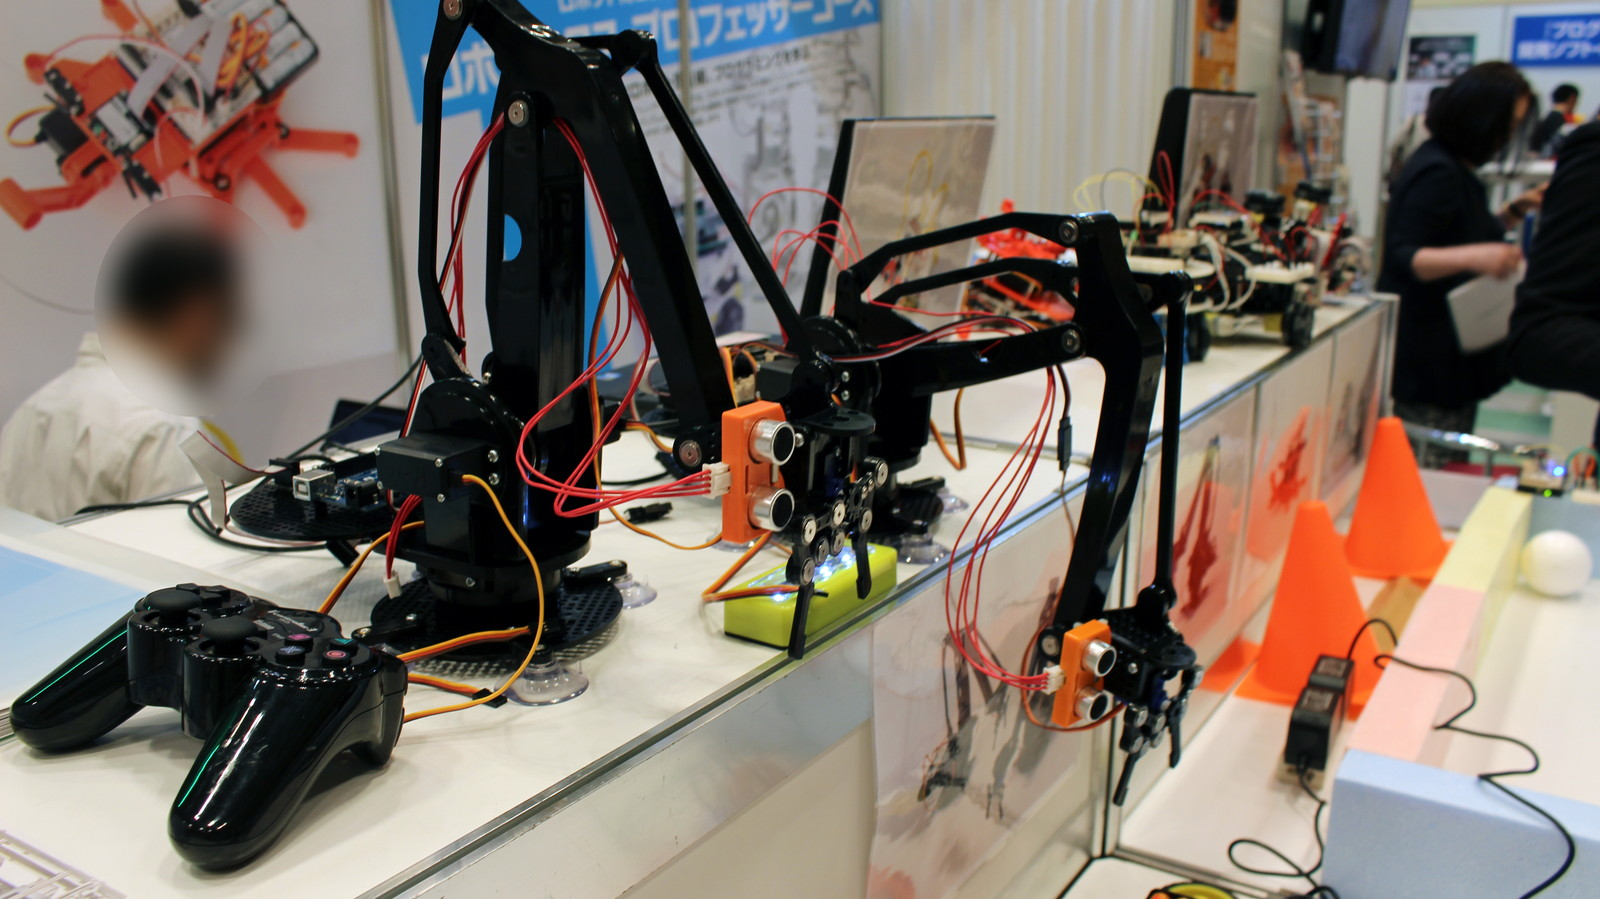 Arduinoや一般的に市販されているコントローラーなど、入手しやすいパーツで構成されているのが特徴